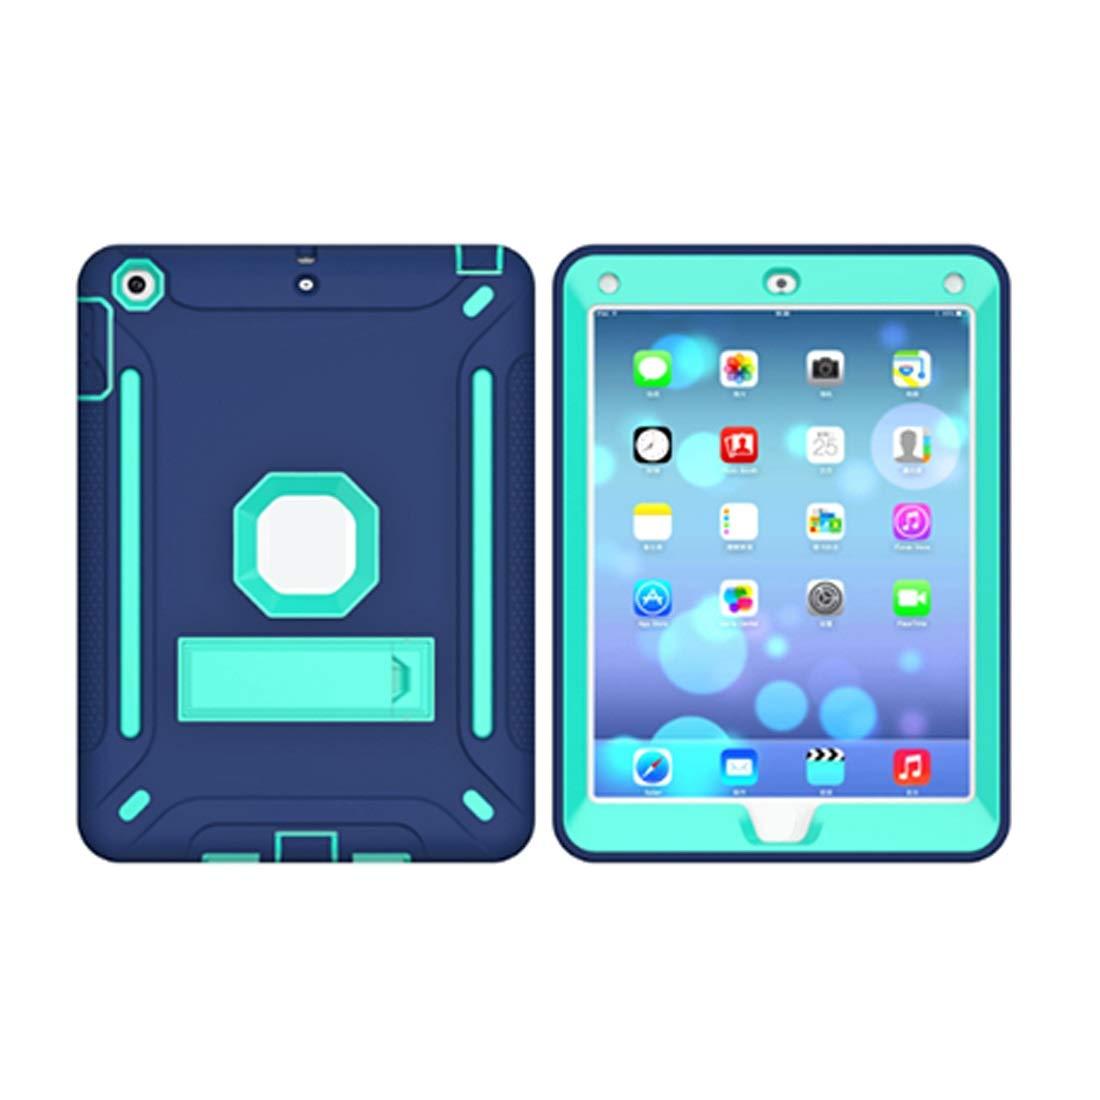 予約販売 KRPENRIO iPad 5ケース 頑丈 スリム 耐衝撃 5ケース 耐衝撃 シリコン 保護ケースカバー iPad 9.7インチiPad用 (ネイビーブルー/蛍光オレンジ) (カラー:ネイビーブルー サイズ:iPad2017) B07L89JZH7, ヤマトムラ:6521b18a --- a0267596.xsph.ru